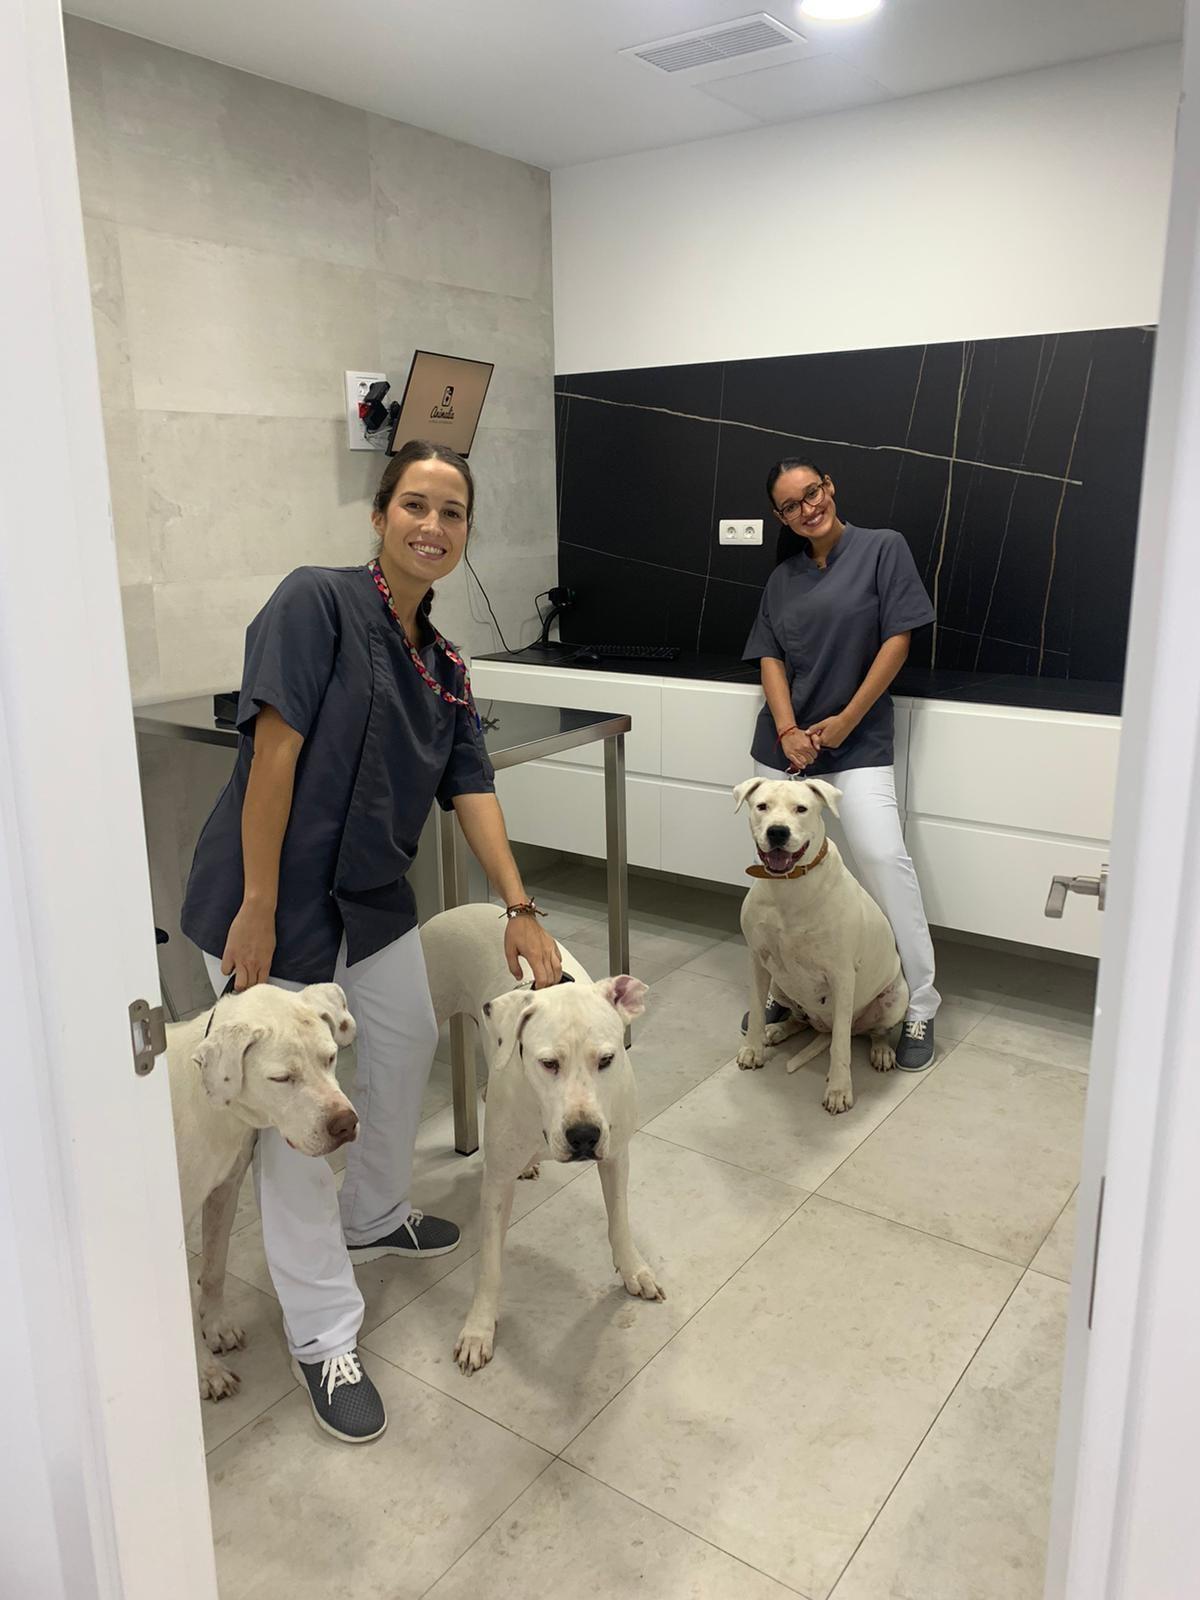 Laboratorios veterinarios Tenerife